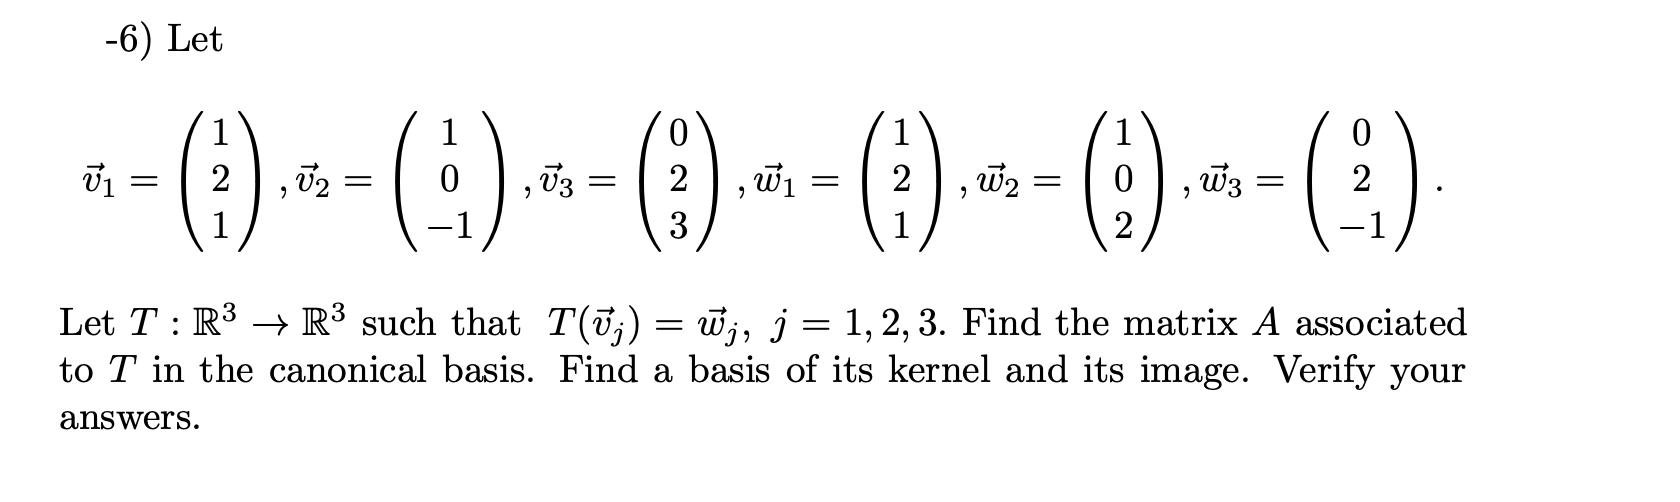 -6) Let | 1 70 *+(.*-(9).-() --() +-)--() ?1 = 2 1, W1 = 2 2, ?2 = 10, V3 = L -1 , W2 = 3 0 2 , W3 = | 2 1-1/ Let T:R3 ? R3 s